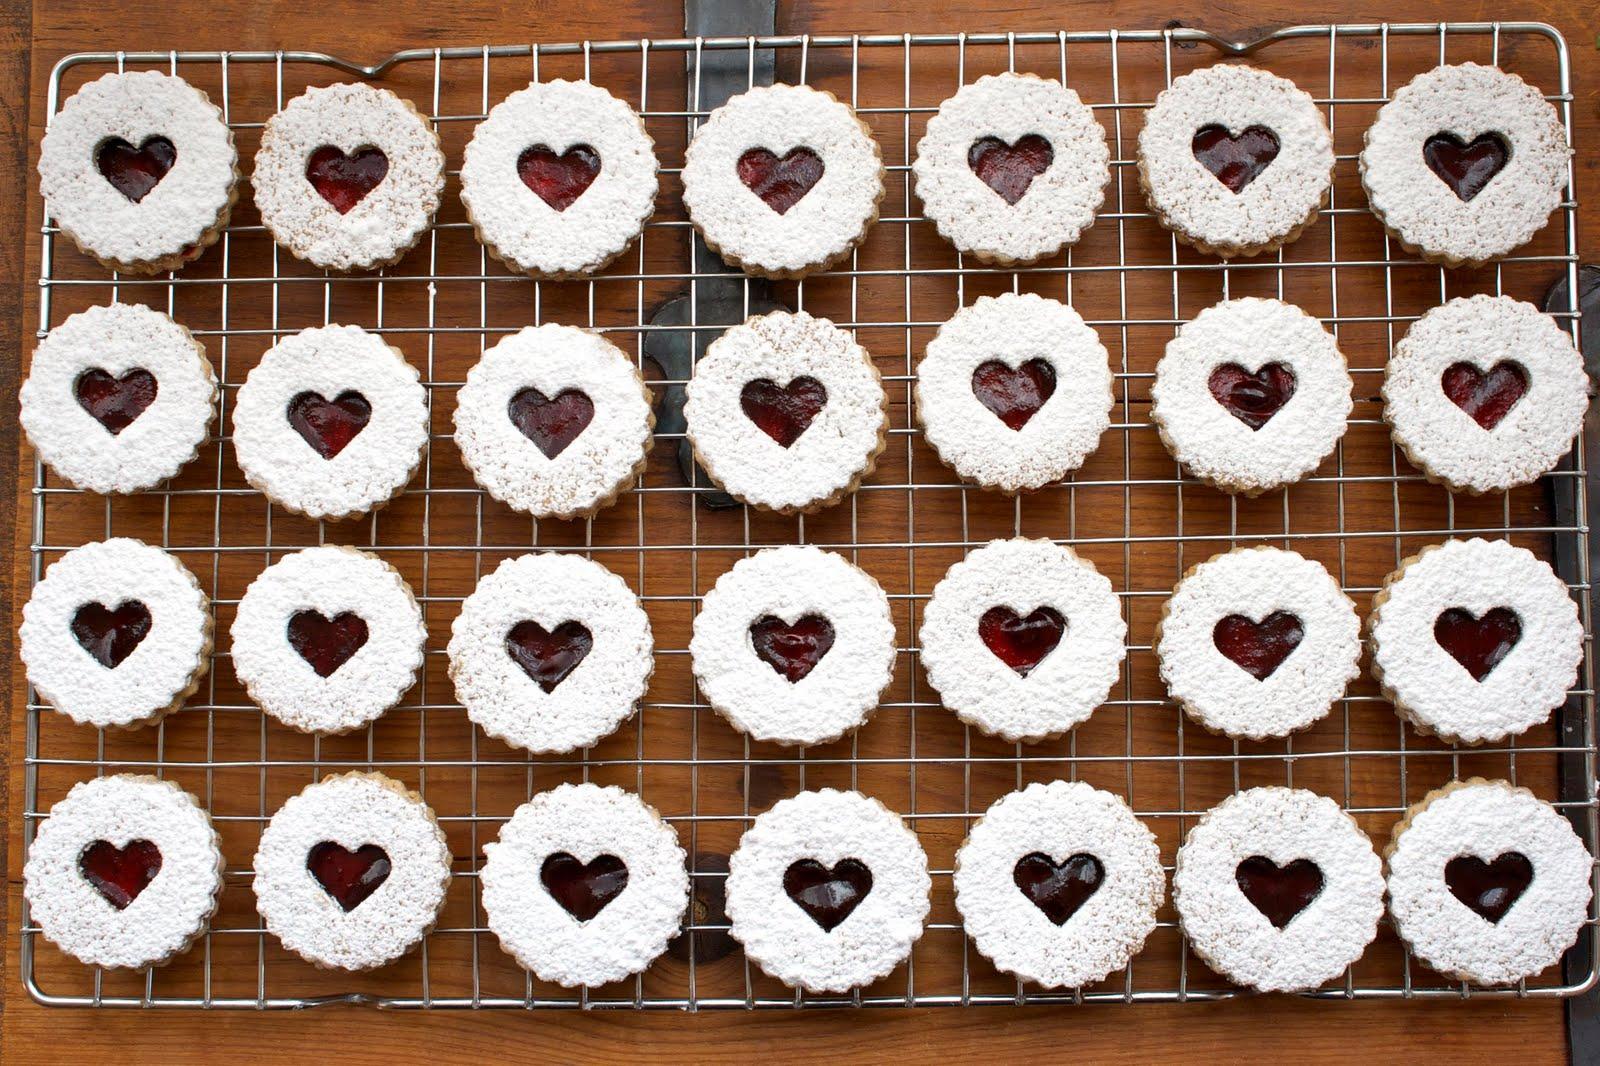 CosmoCookie: Pecan Linzer Heart Cookies with Black Cherry Filling